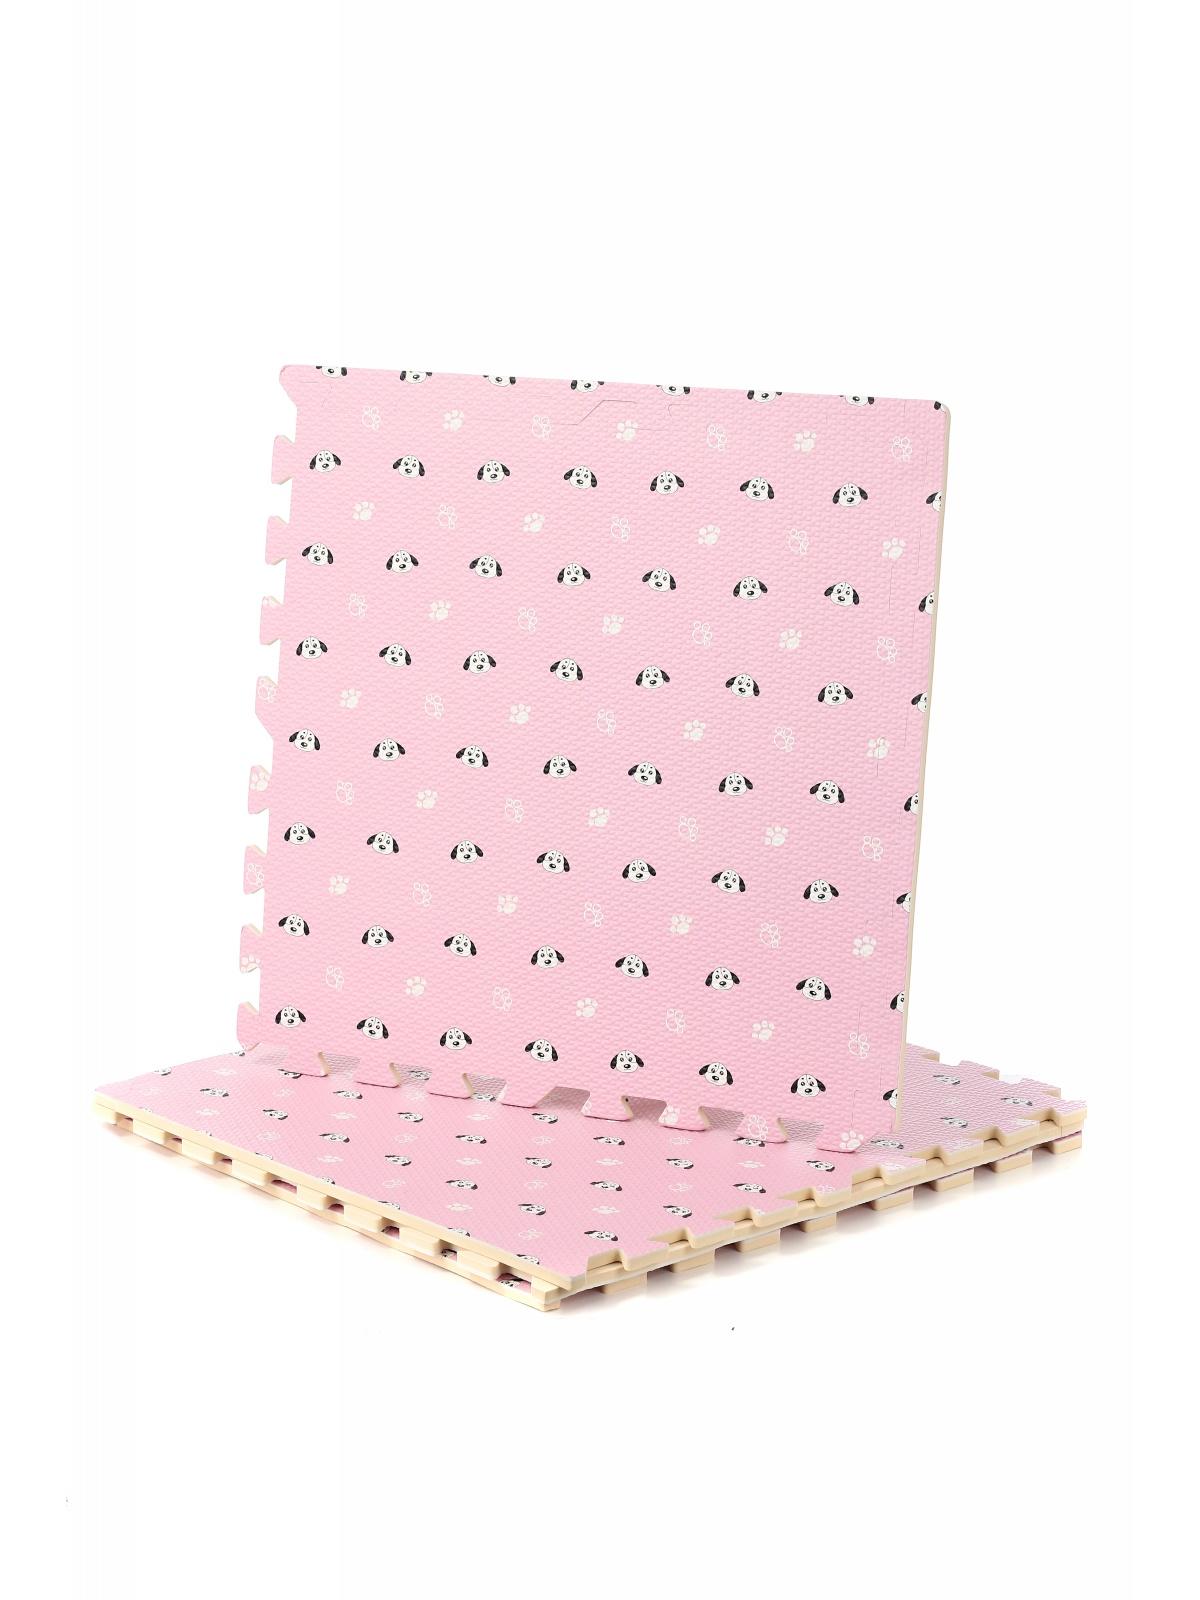 Коврик-пазл сборный 4 детали розовый с принтом R020-11 DOLEMIKKI